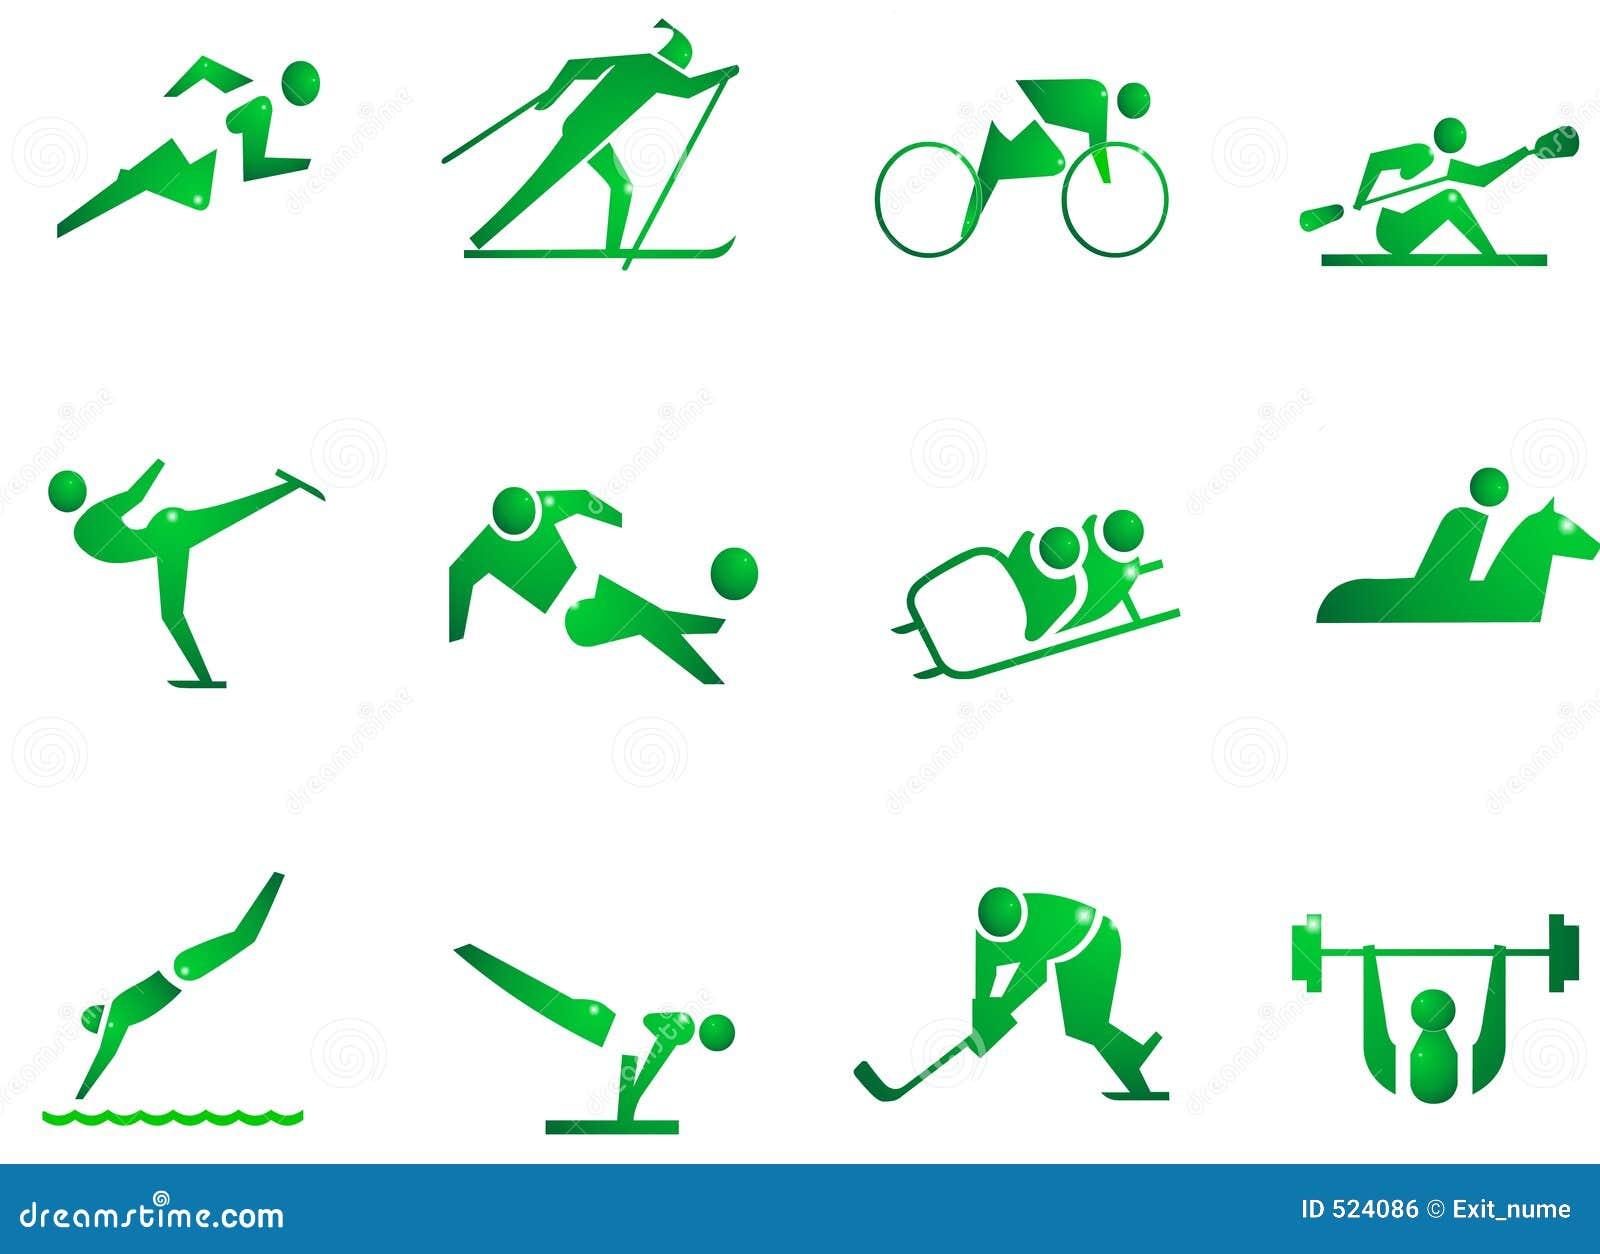 符号体育运动图标棒球日图片